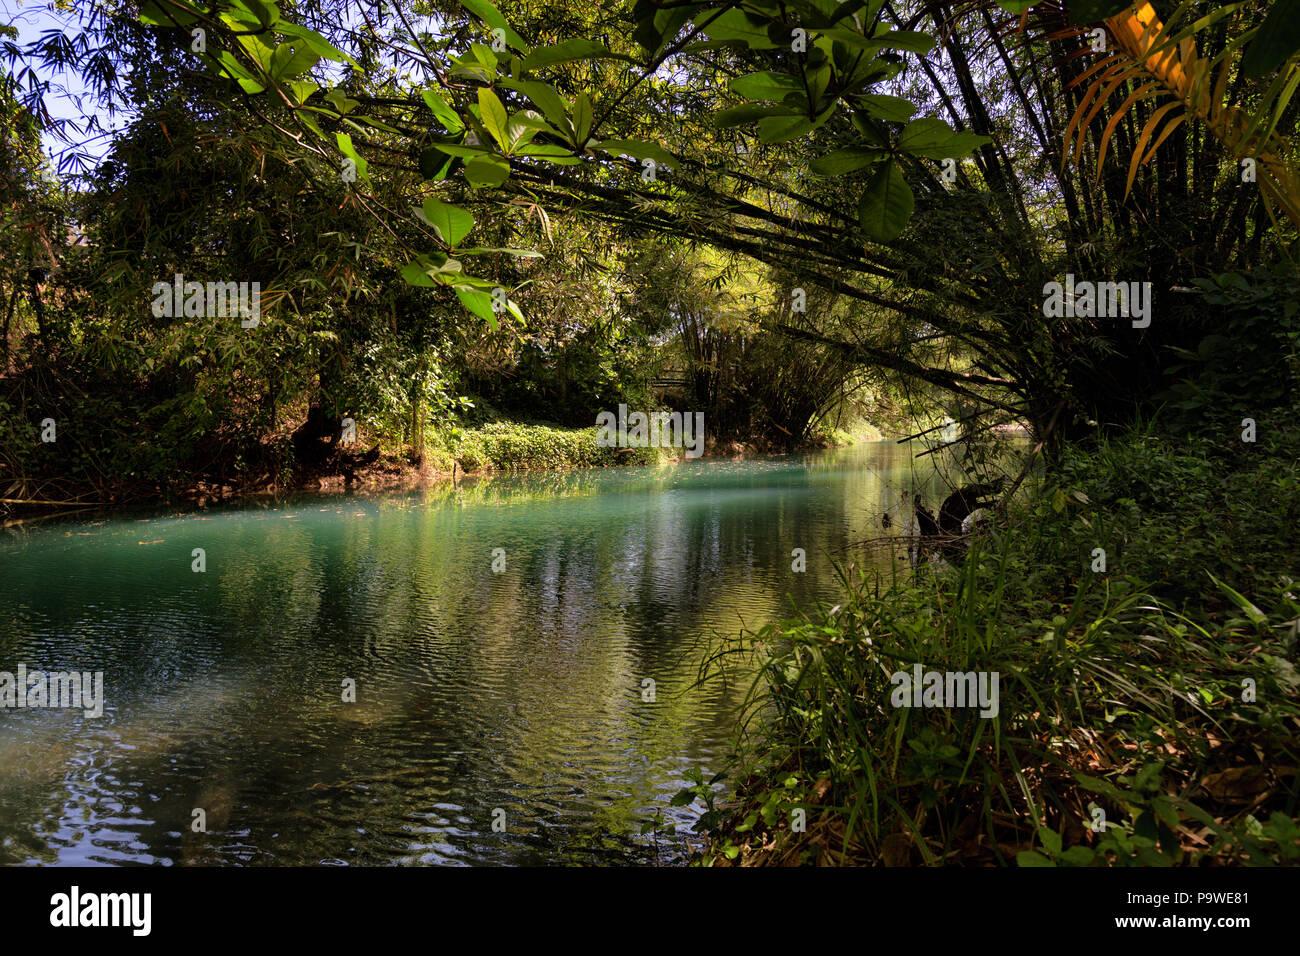 Regen Wald mit Fluss in Jamaika schöne Türkis gefärbten Fluss durch üppigen Regenwald läuft Stockbild